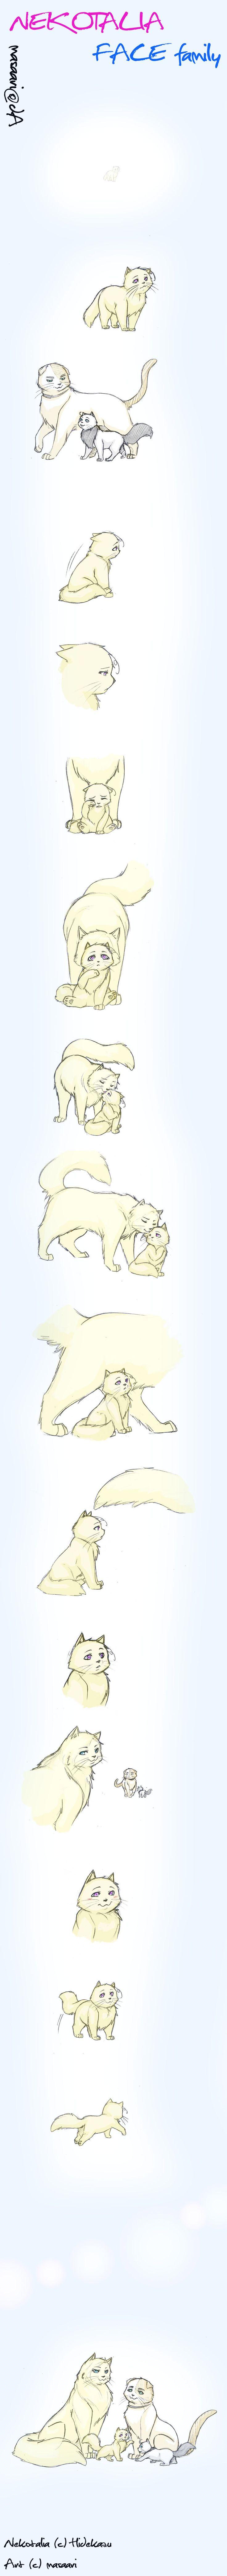 Errrrr. by masaari.deviantart.com on @deviantART - A very cute Neko!FACE family fan-comic :)